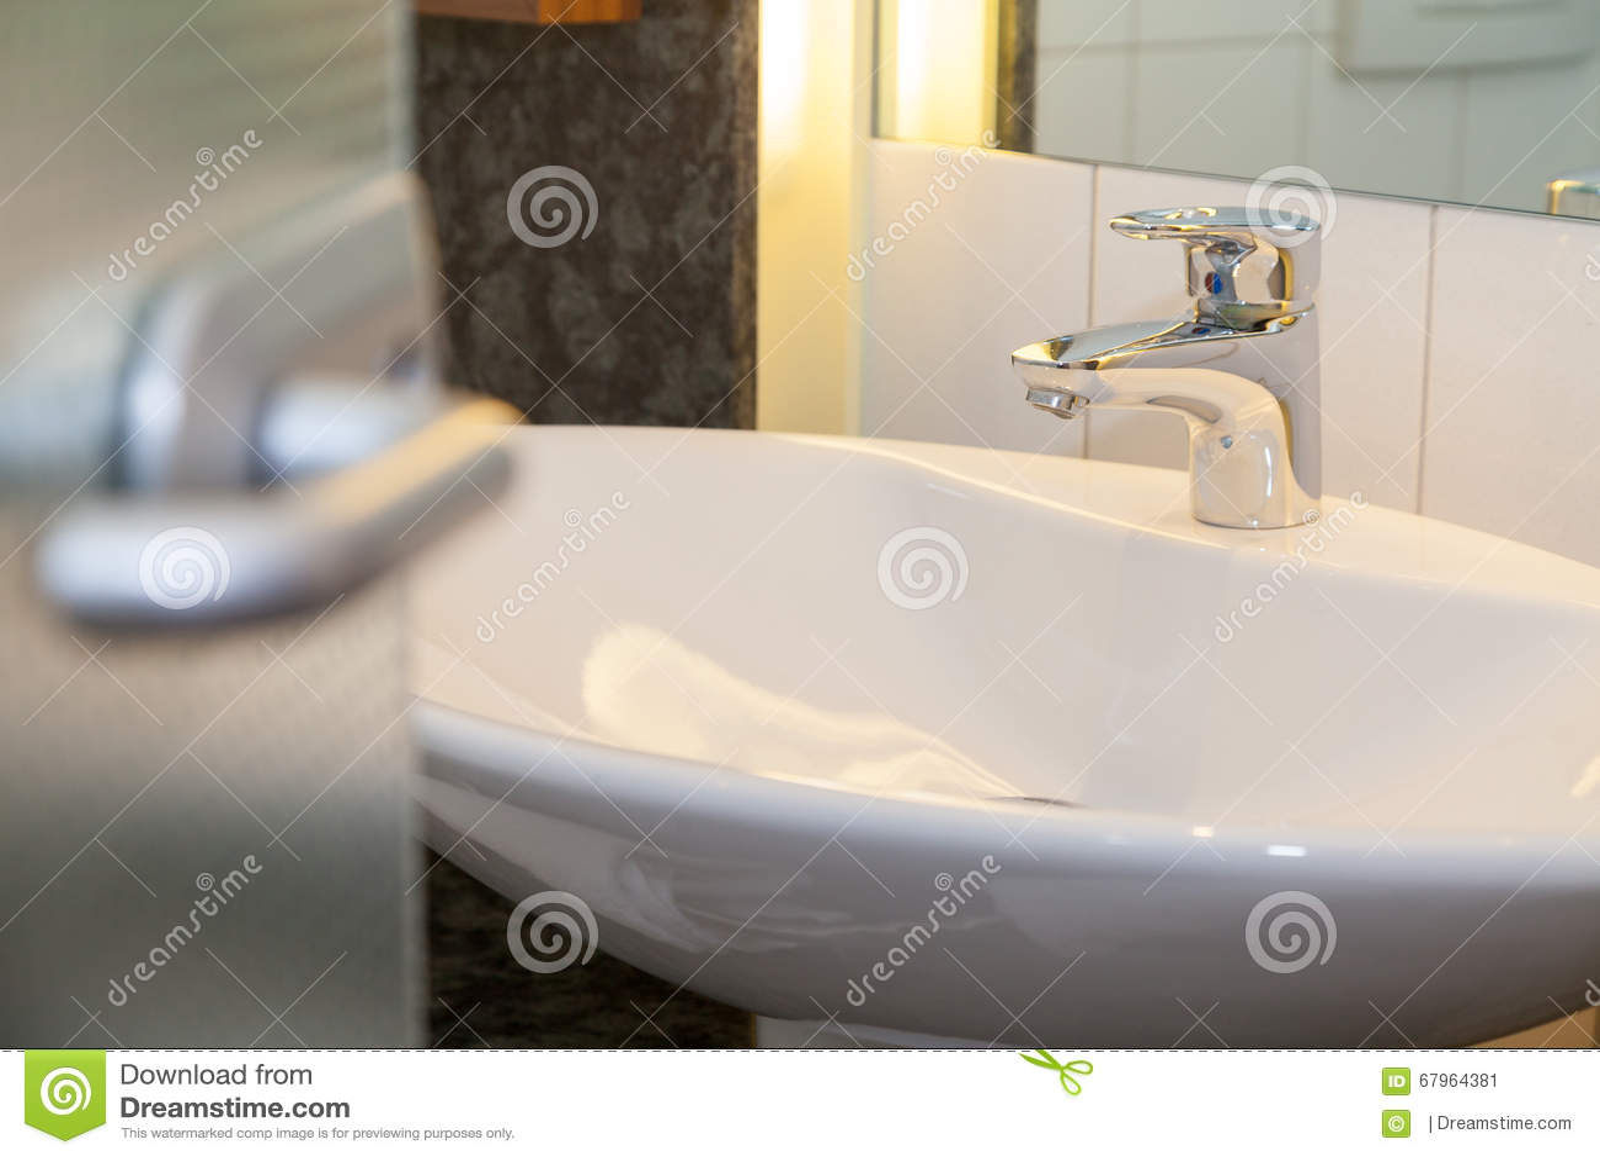 Bagno con il lavabo bianco